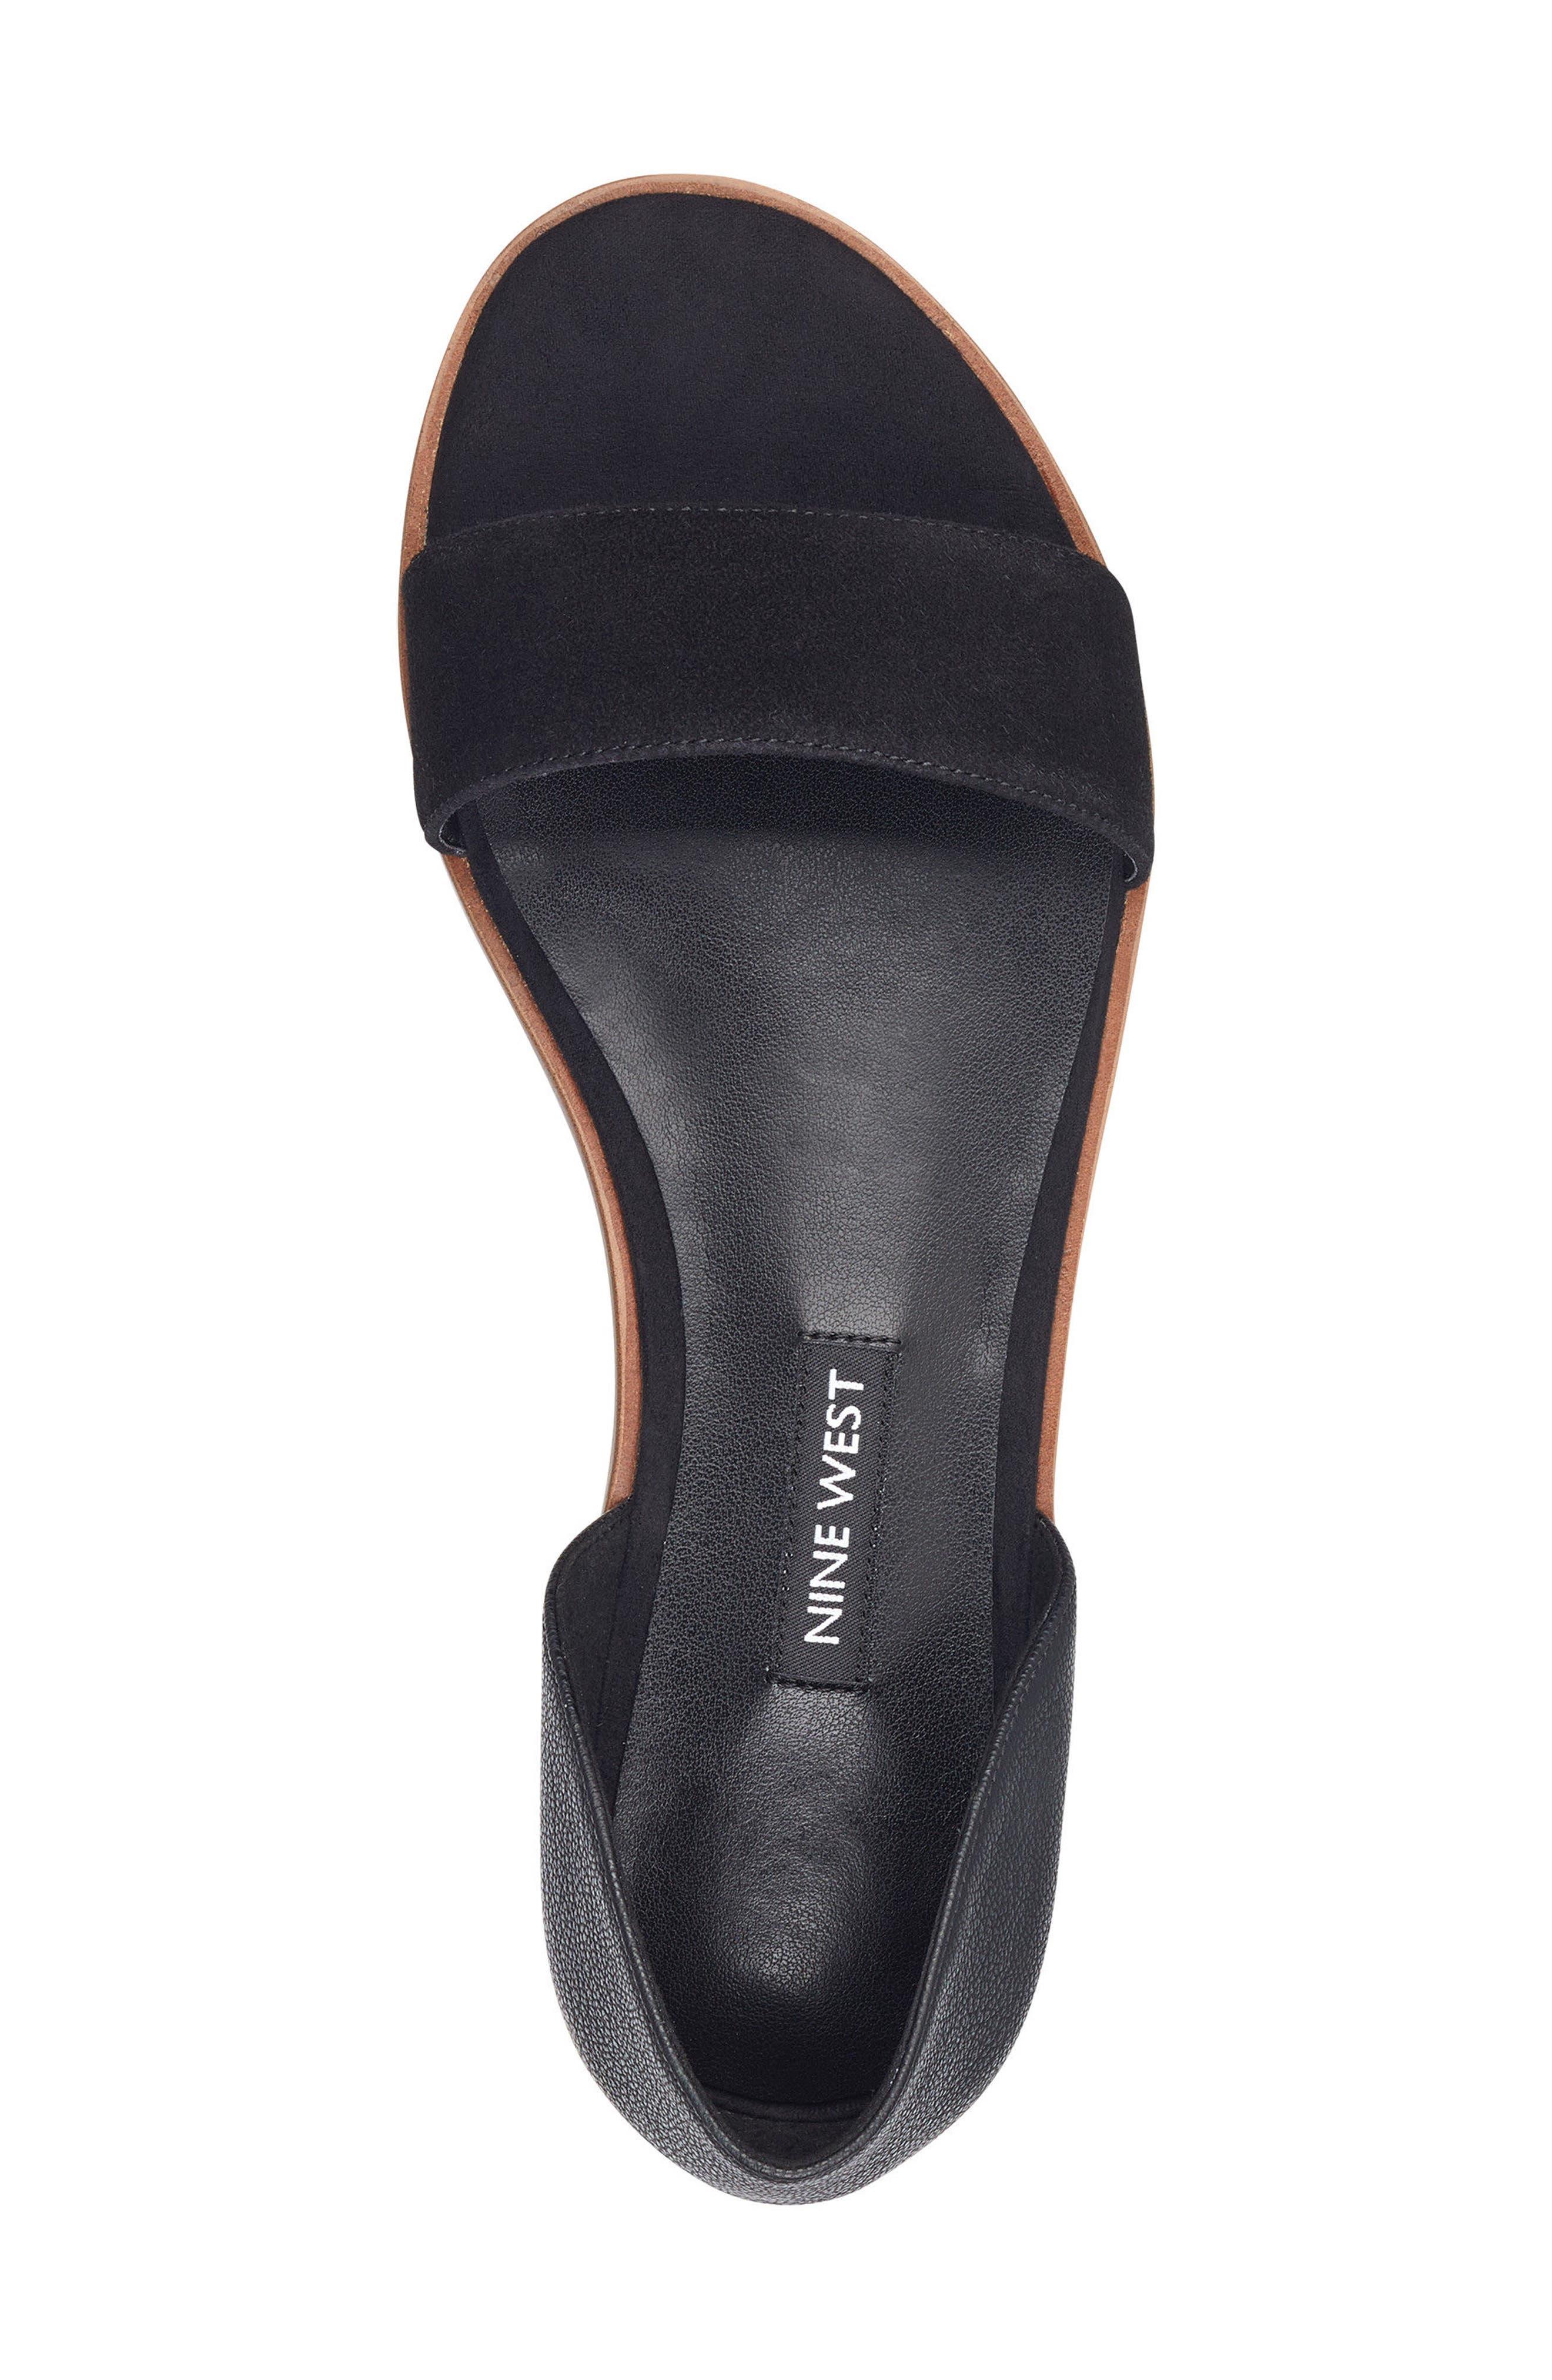 Maris Sandal,                             Alternate thumbnail 5, color,                             Black/ Black Leather